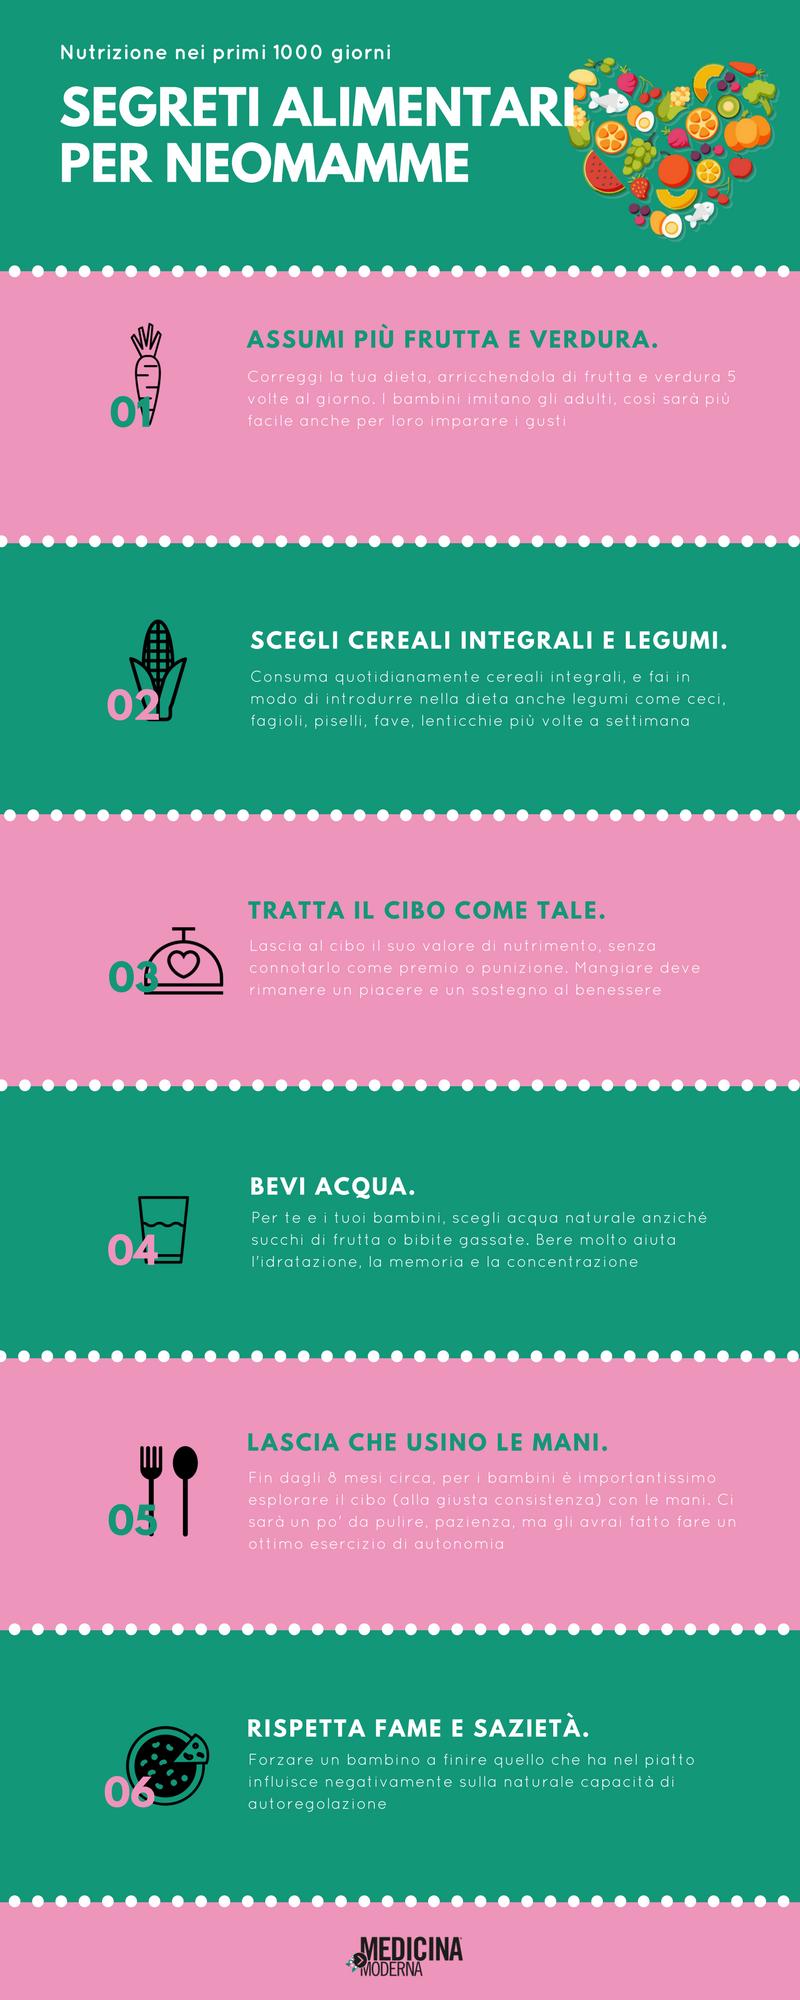 infografica 6 segreti alimentari per neomamme